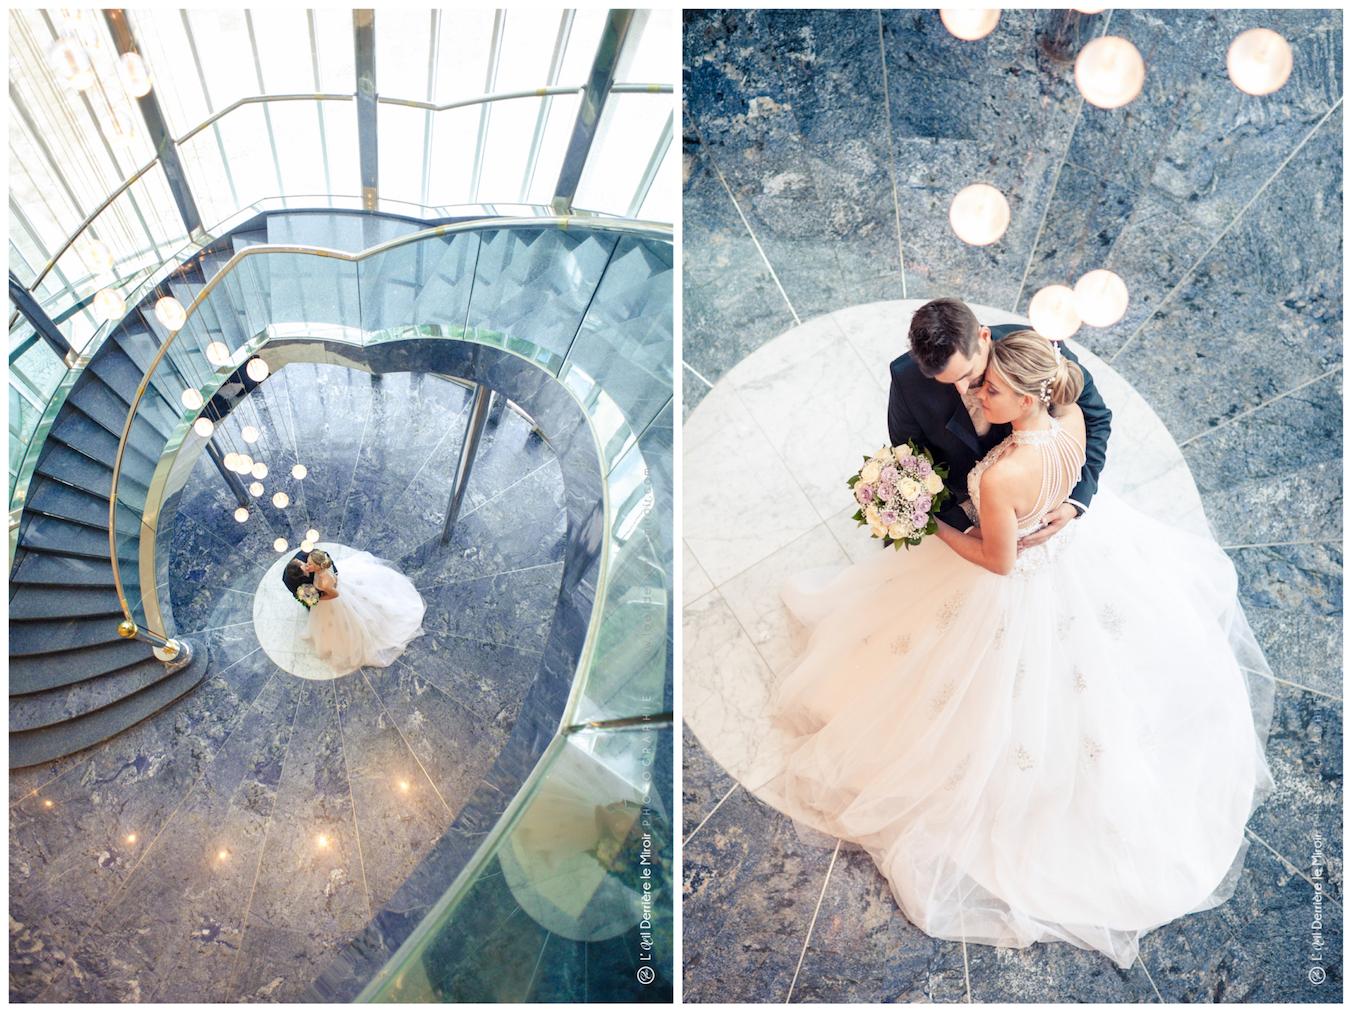 Photographe de mariage à Monaco L'OEil Derrière le Miroir Photographie